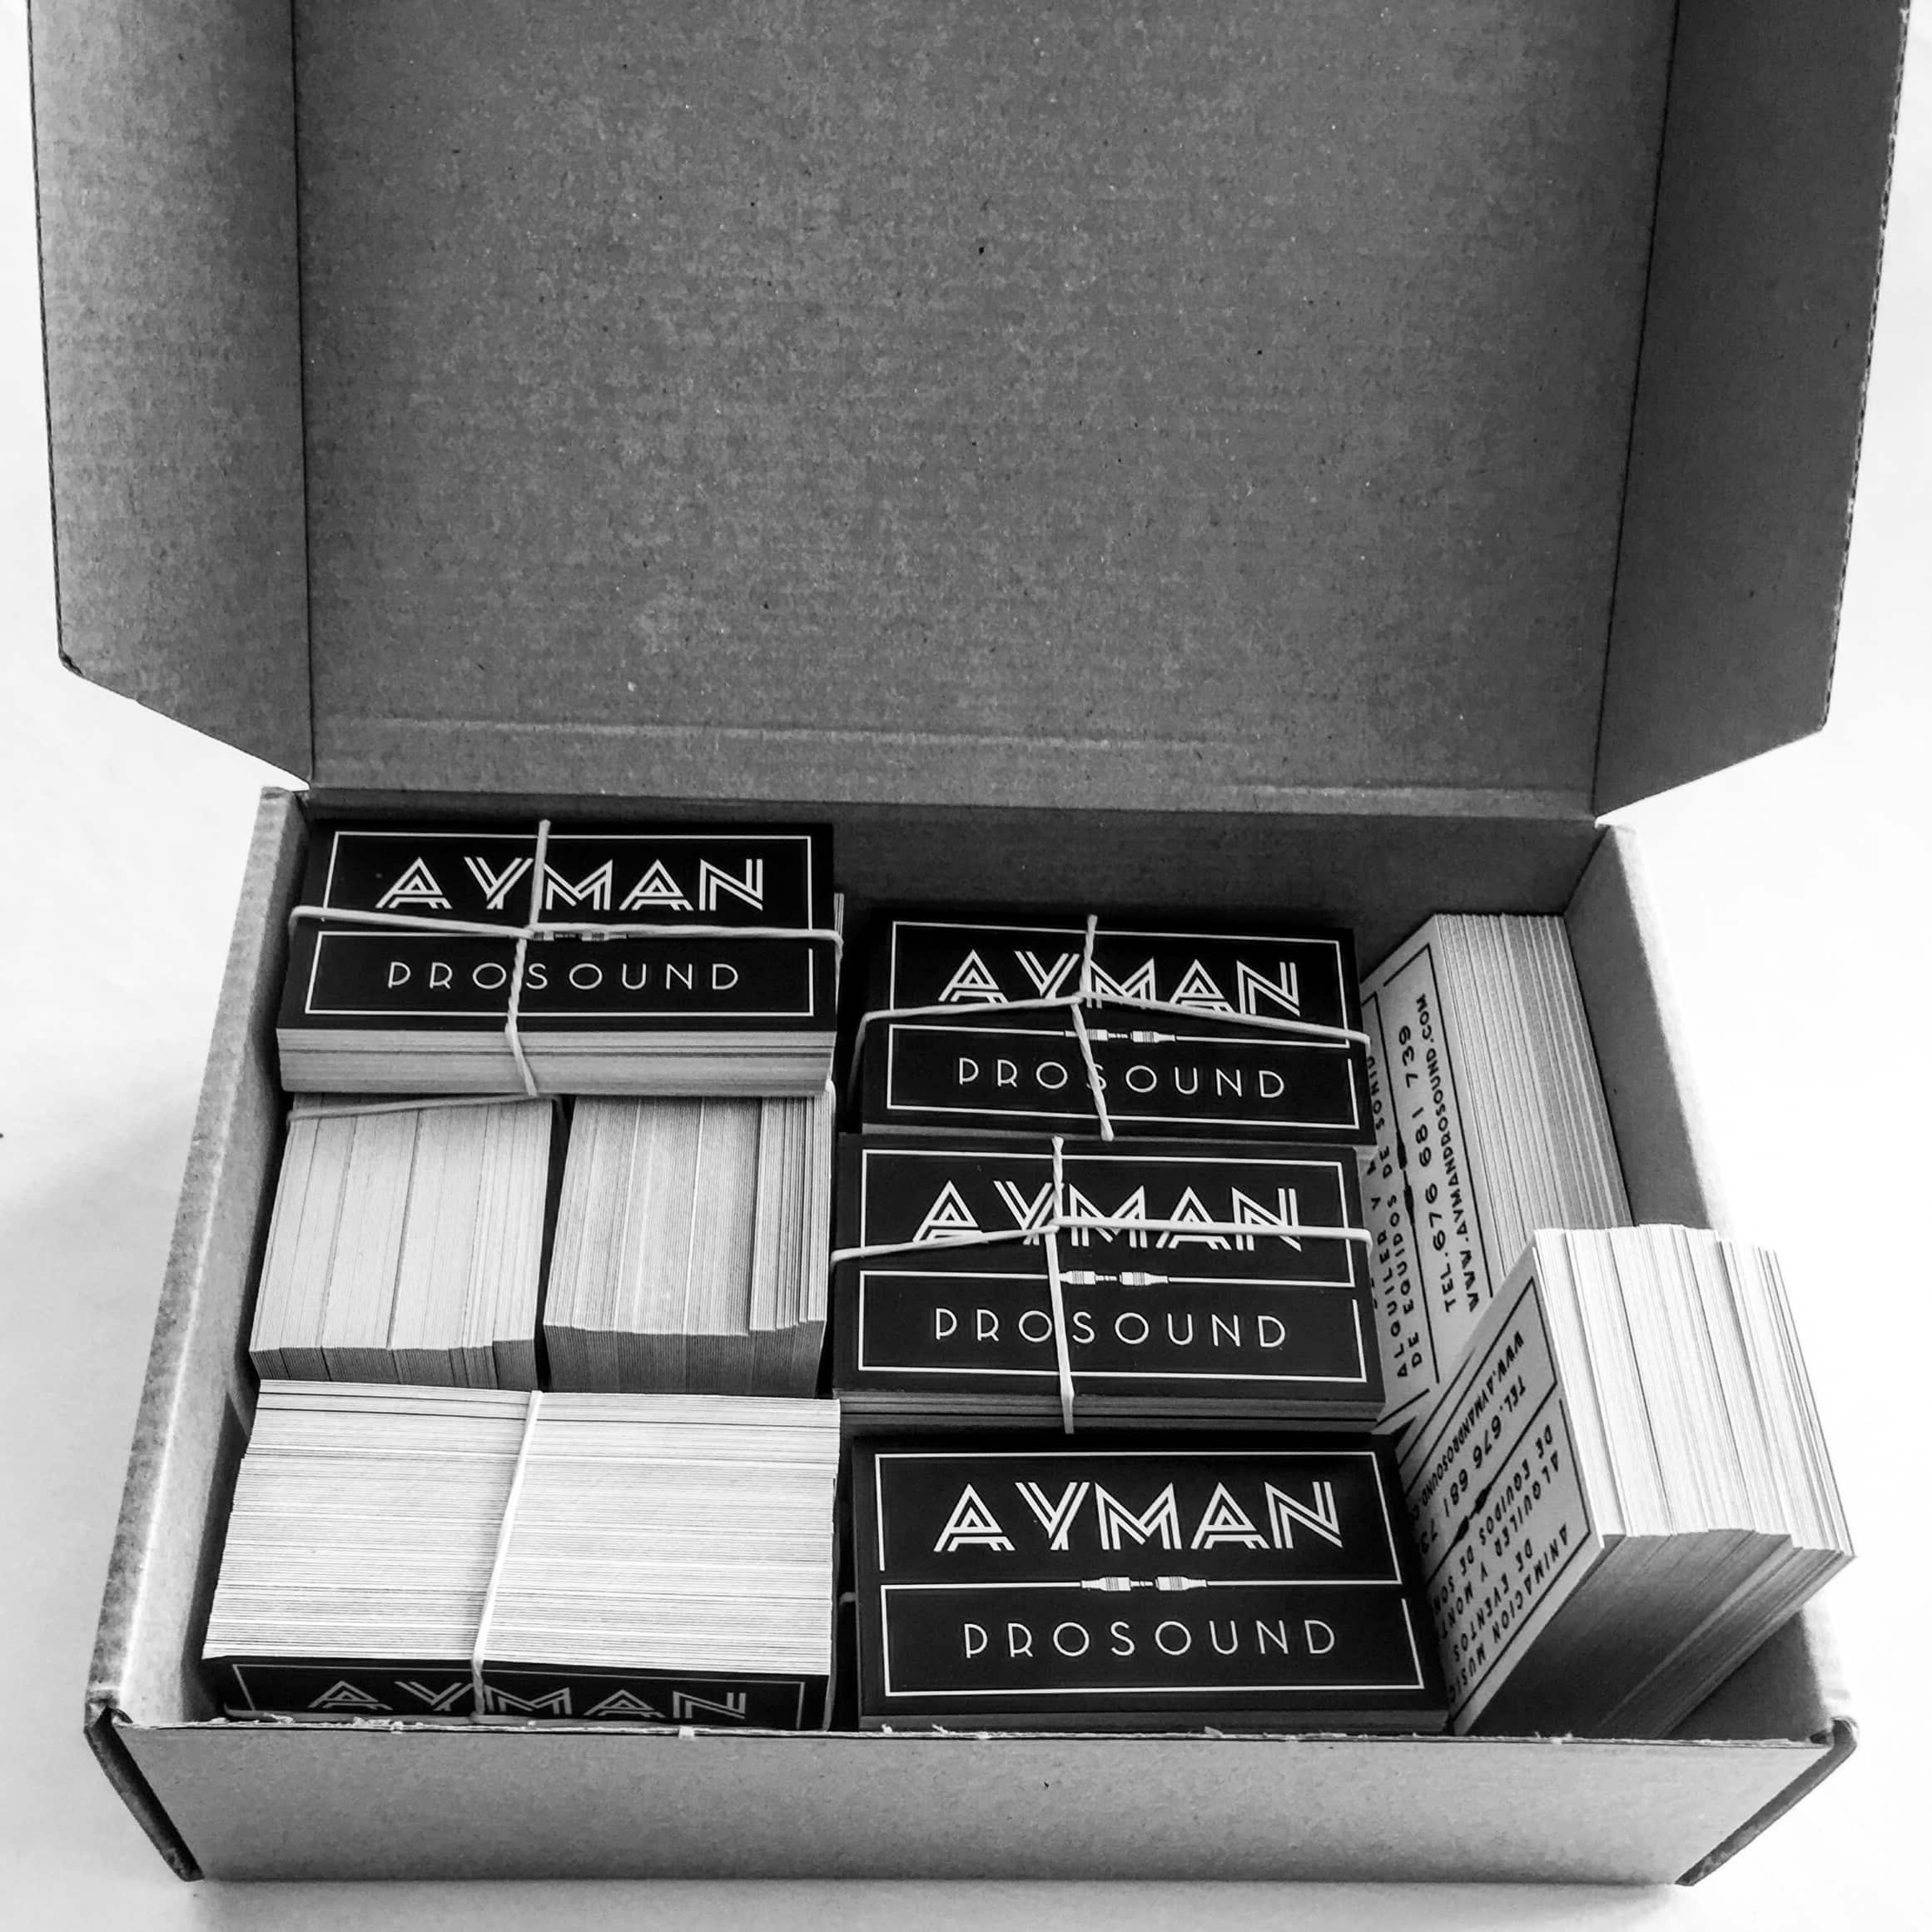 Tarjetas contacto Ayman Prosound